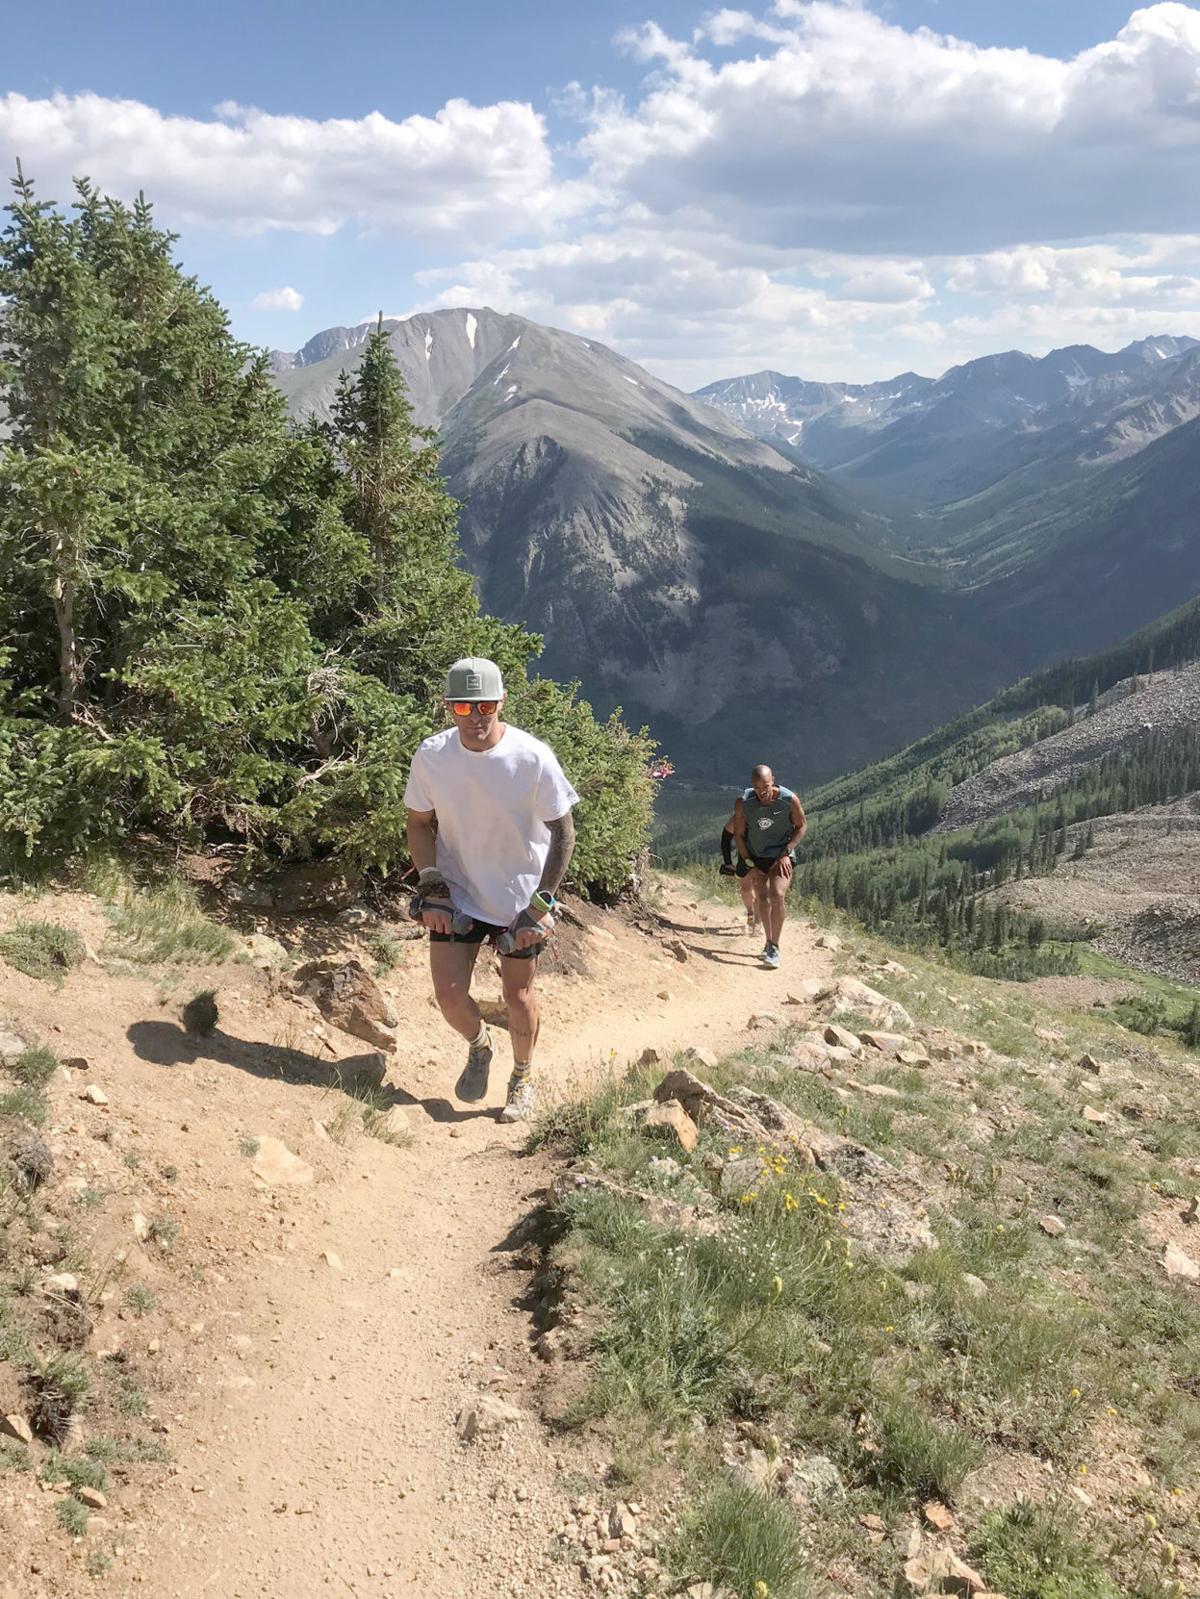 Running man in mountains